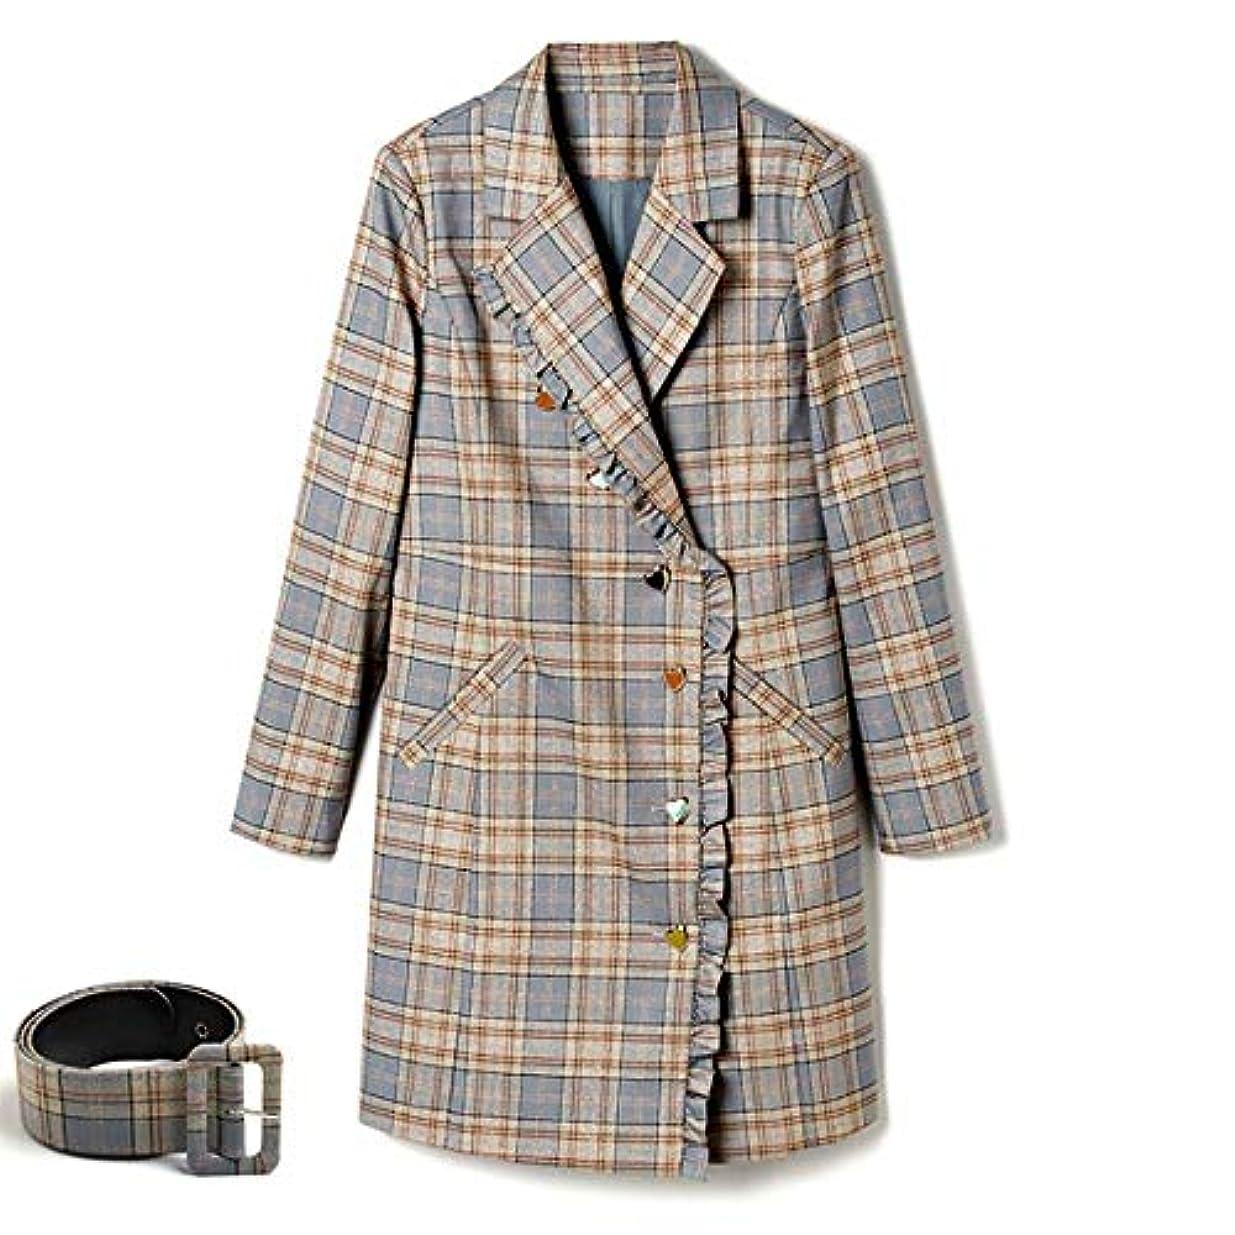 代表屋内正しく秋の女性のコート、新しいウインドブレーカージャケットラペルベルトロングコートウエストジャケット薄いコートレディースコートレディースウインドブレーカージャケット,M